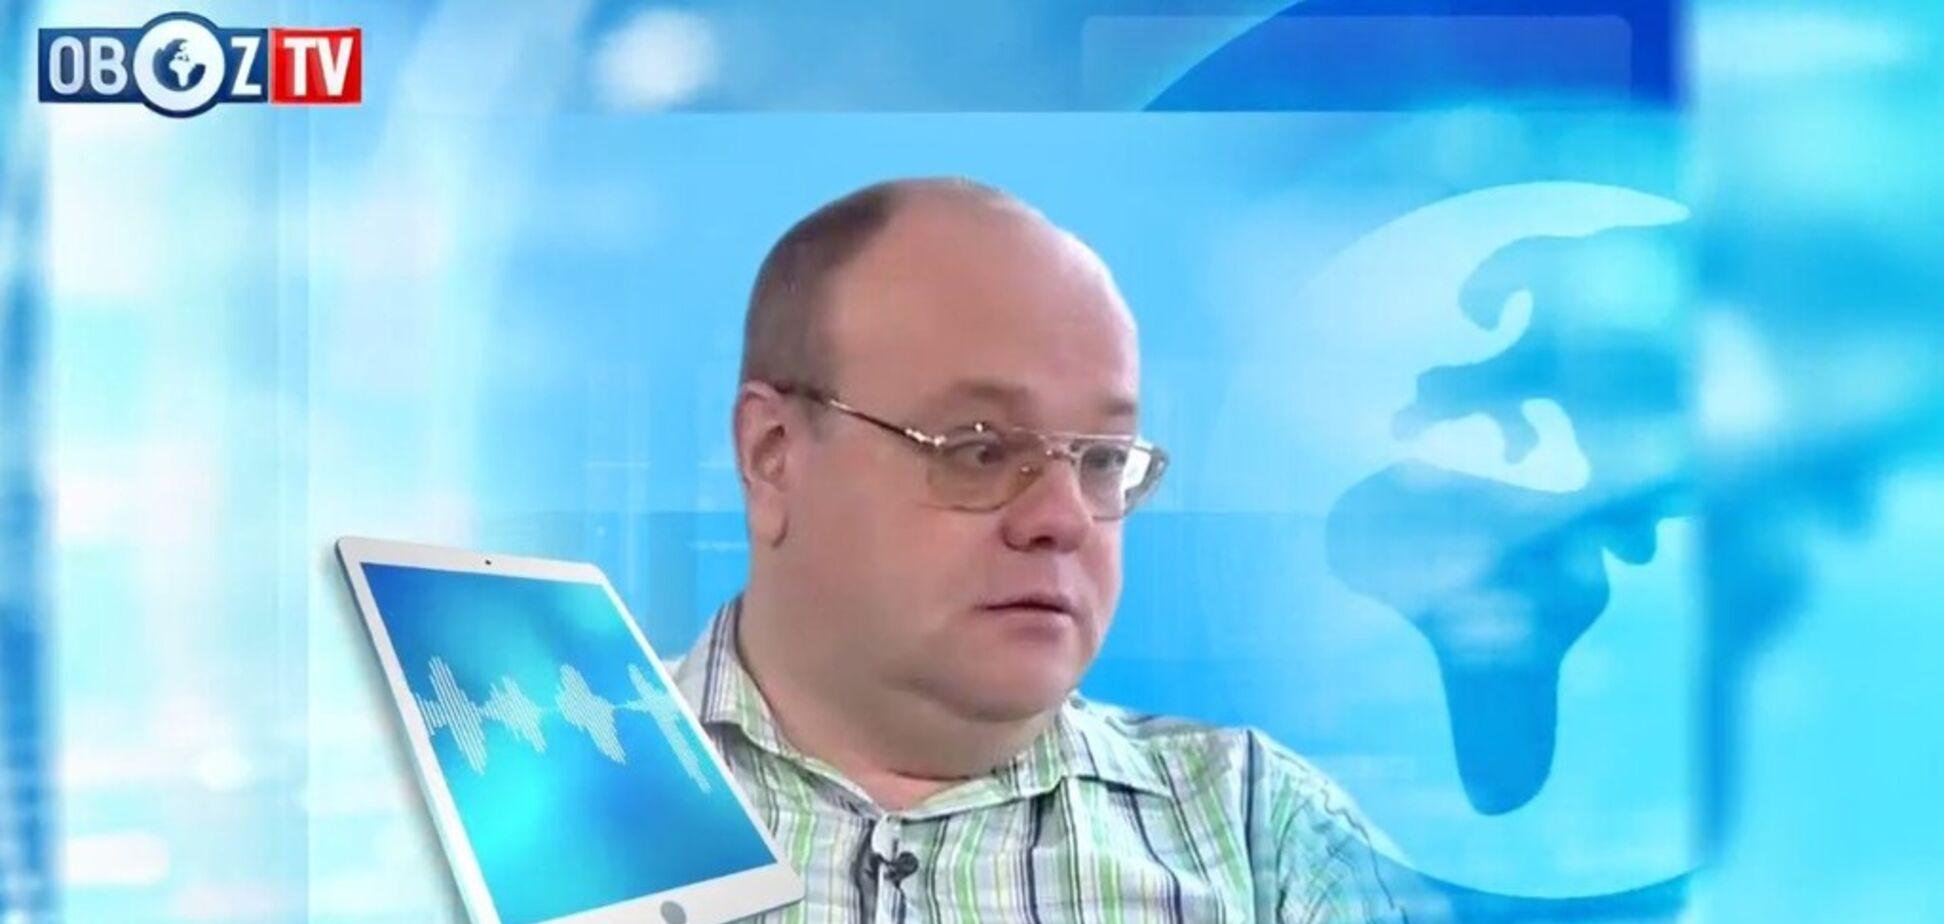 'Идиоты! Дебилы!' Украинский журналист жестко высказался о России и WADA